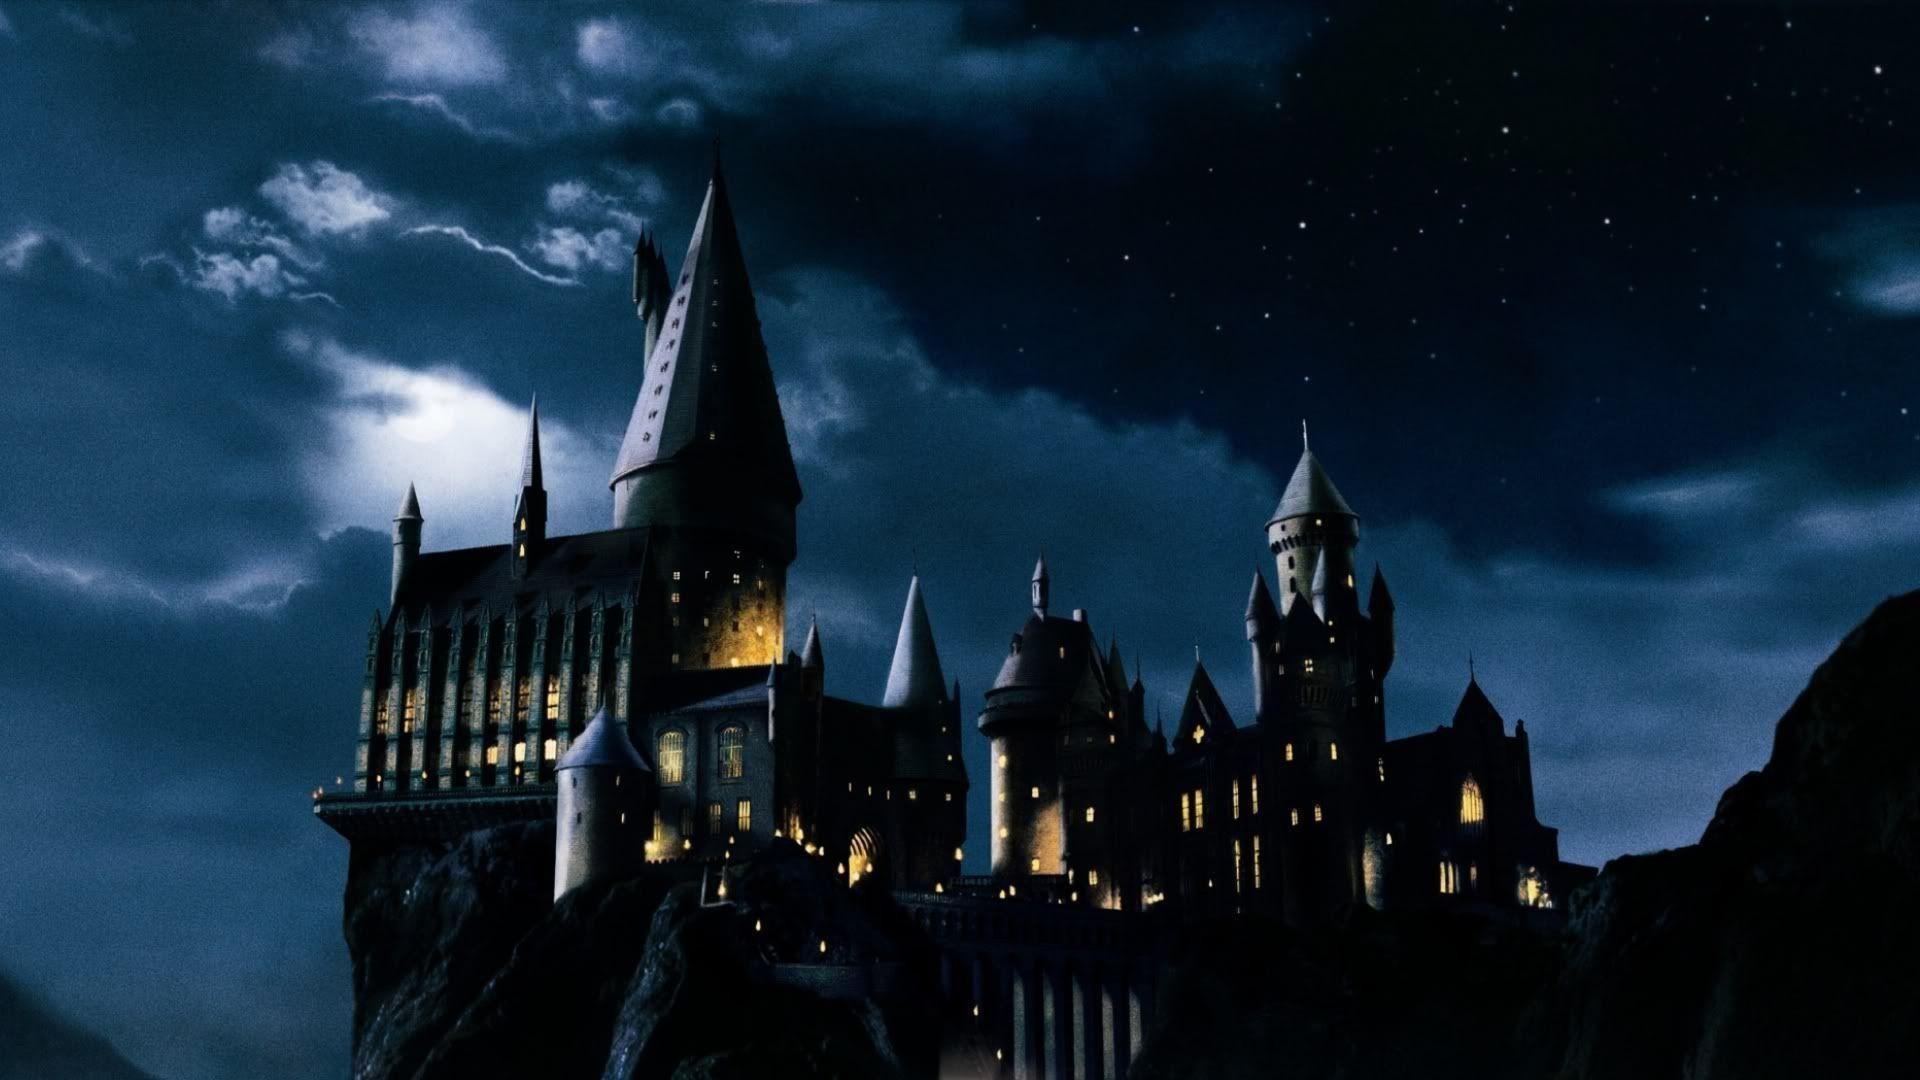 Logos For > Harry Potter Hogwarts Logo Wallpaper